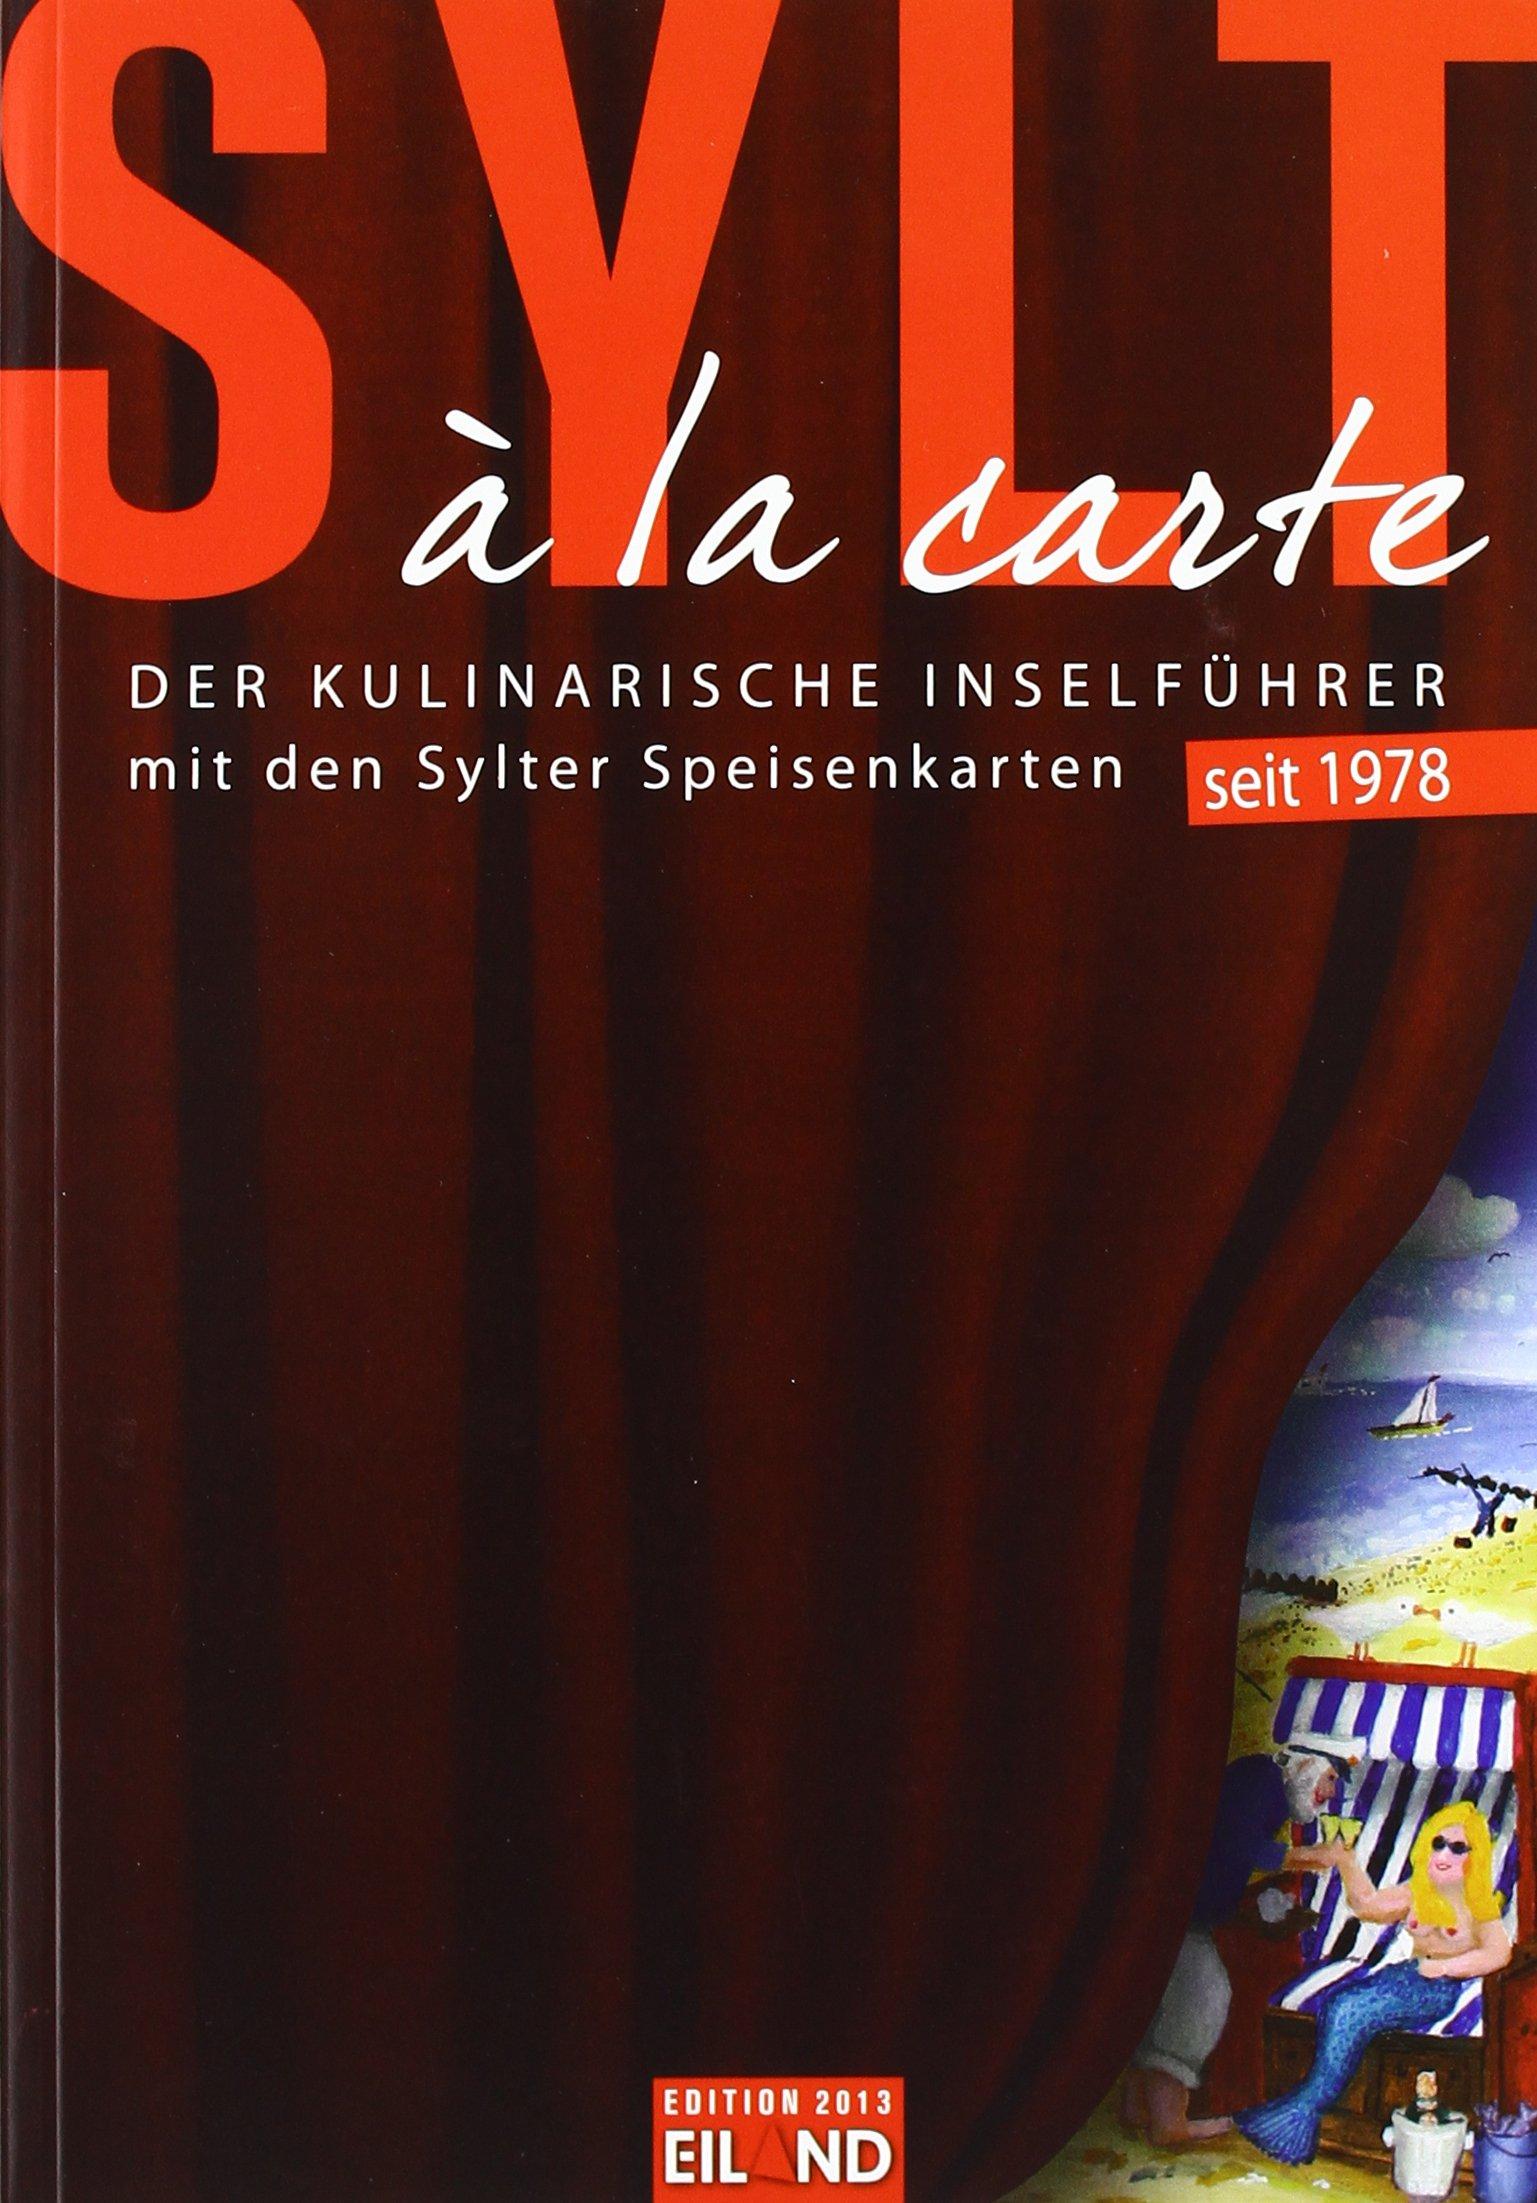 Sylt à la carte 2013: Der kulinarische Inselführer mit den Sylter Speisenkarten.